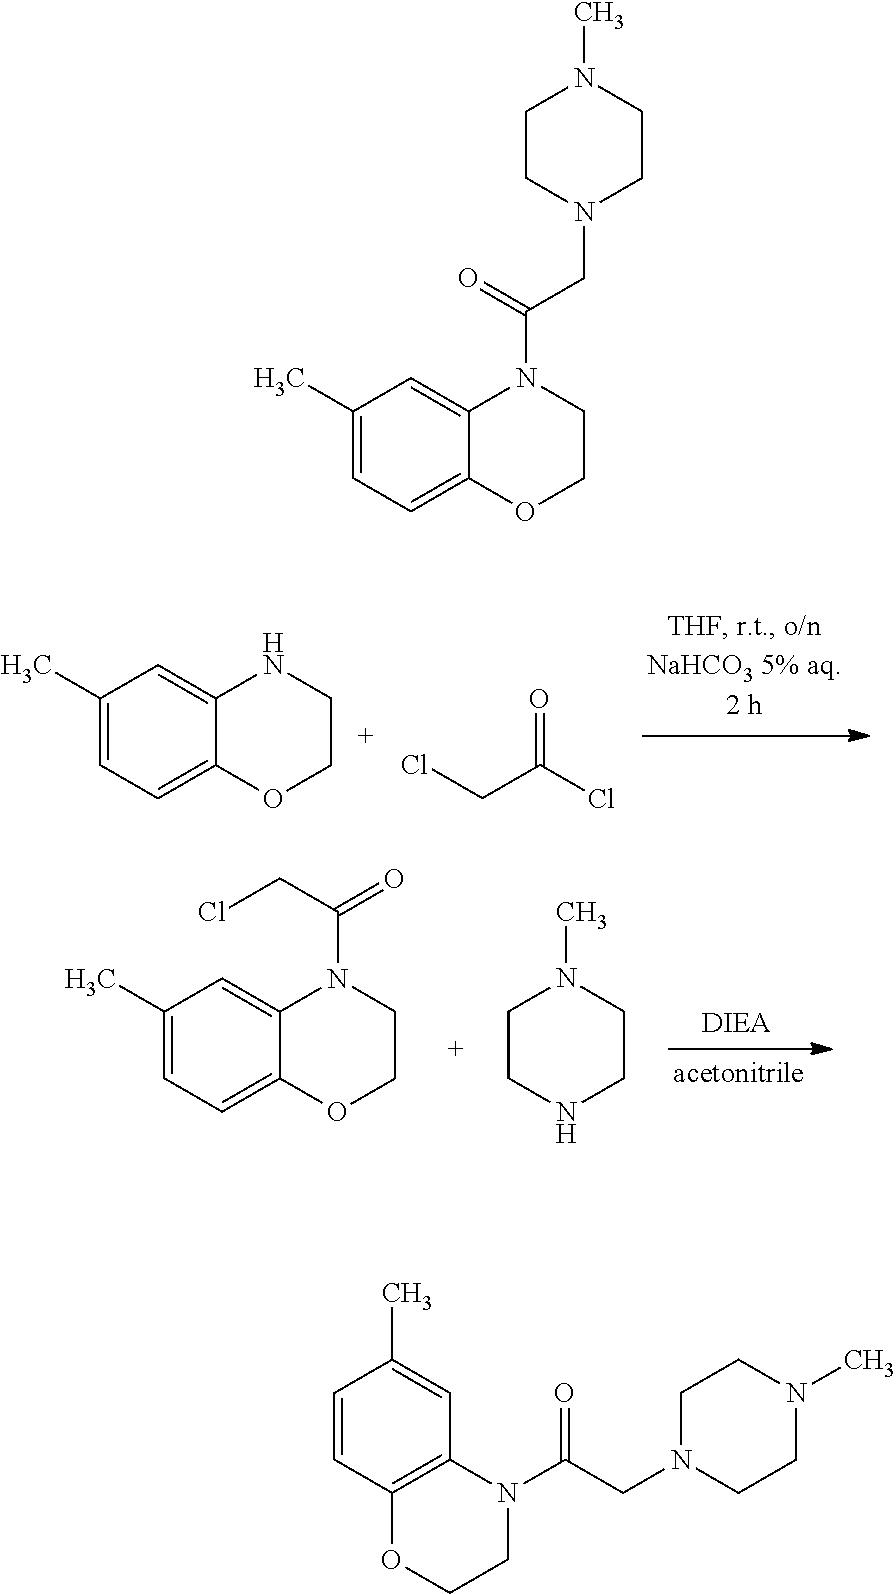 Figure US20190106394A1-20190411-C00063